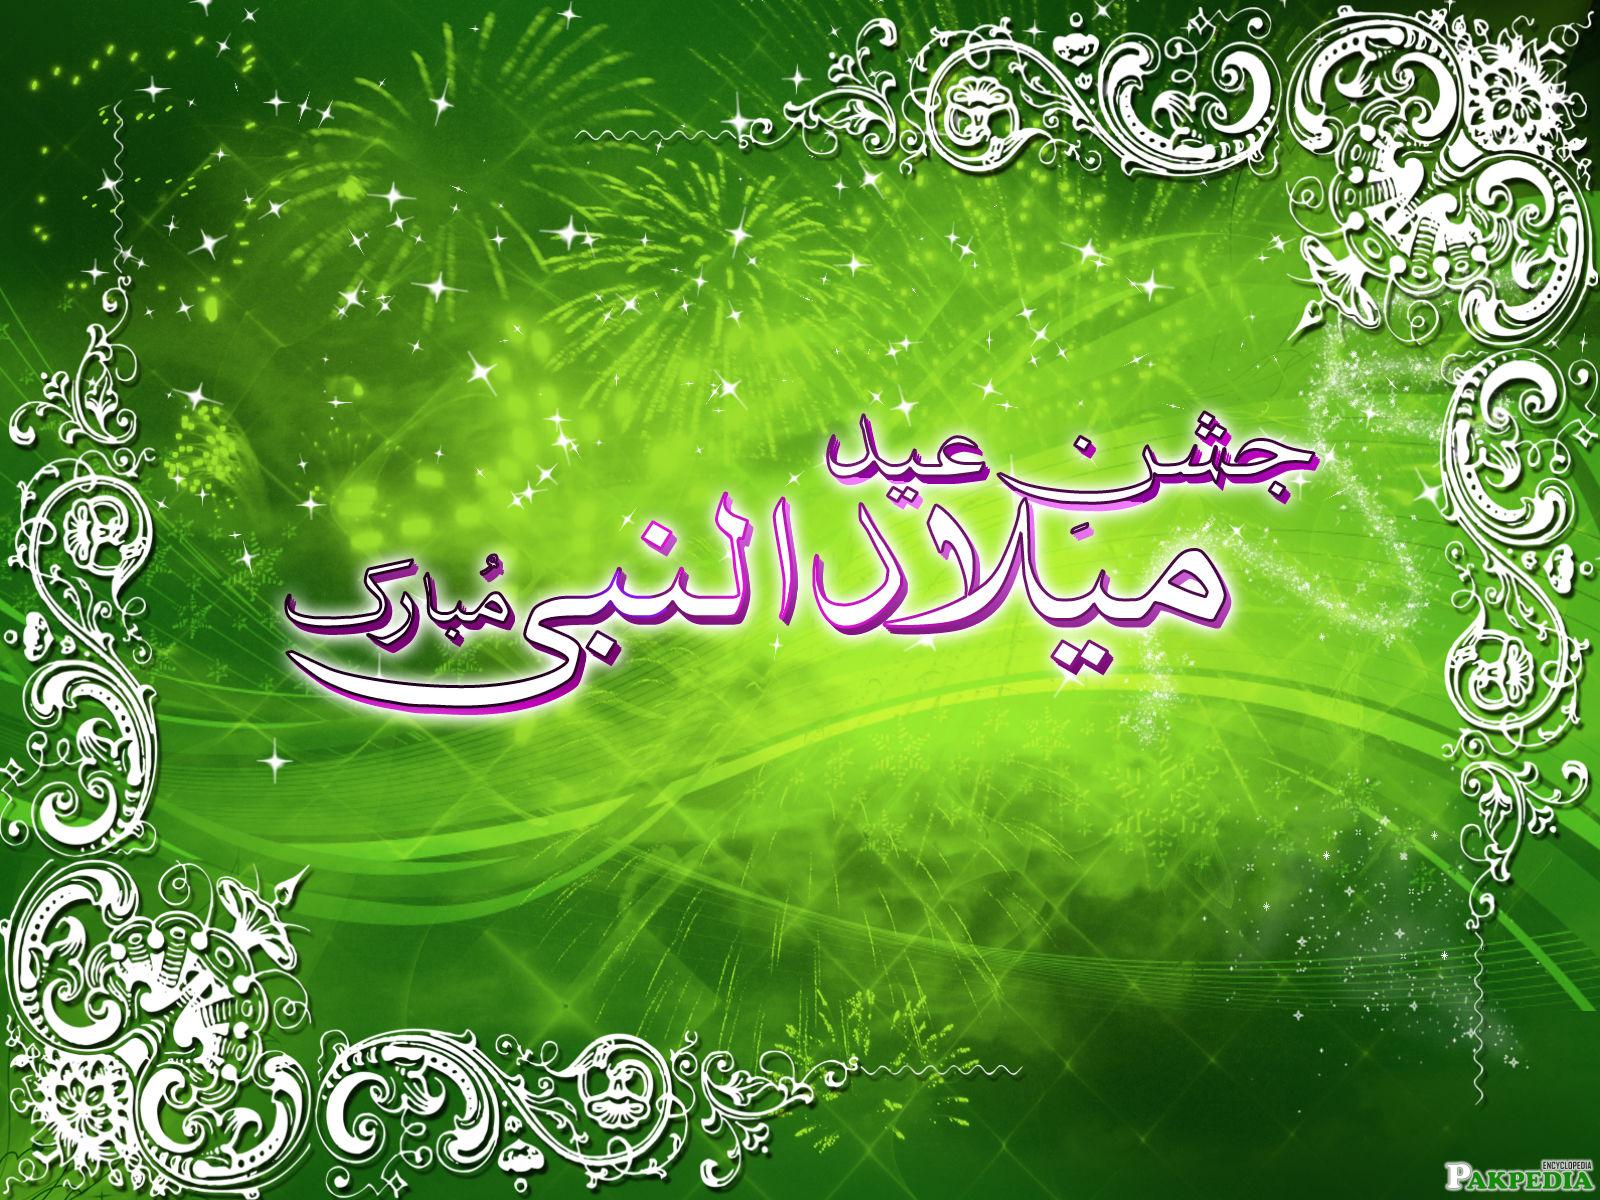 eid milad ul nabi saw pakpedia pakistan s biggest online encyclopedia pakpedia